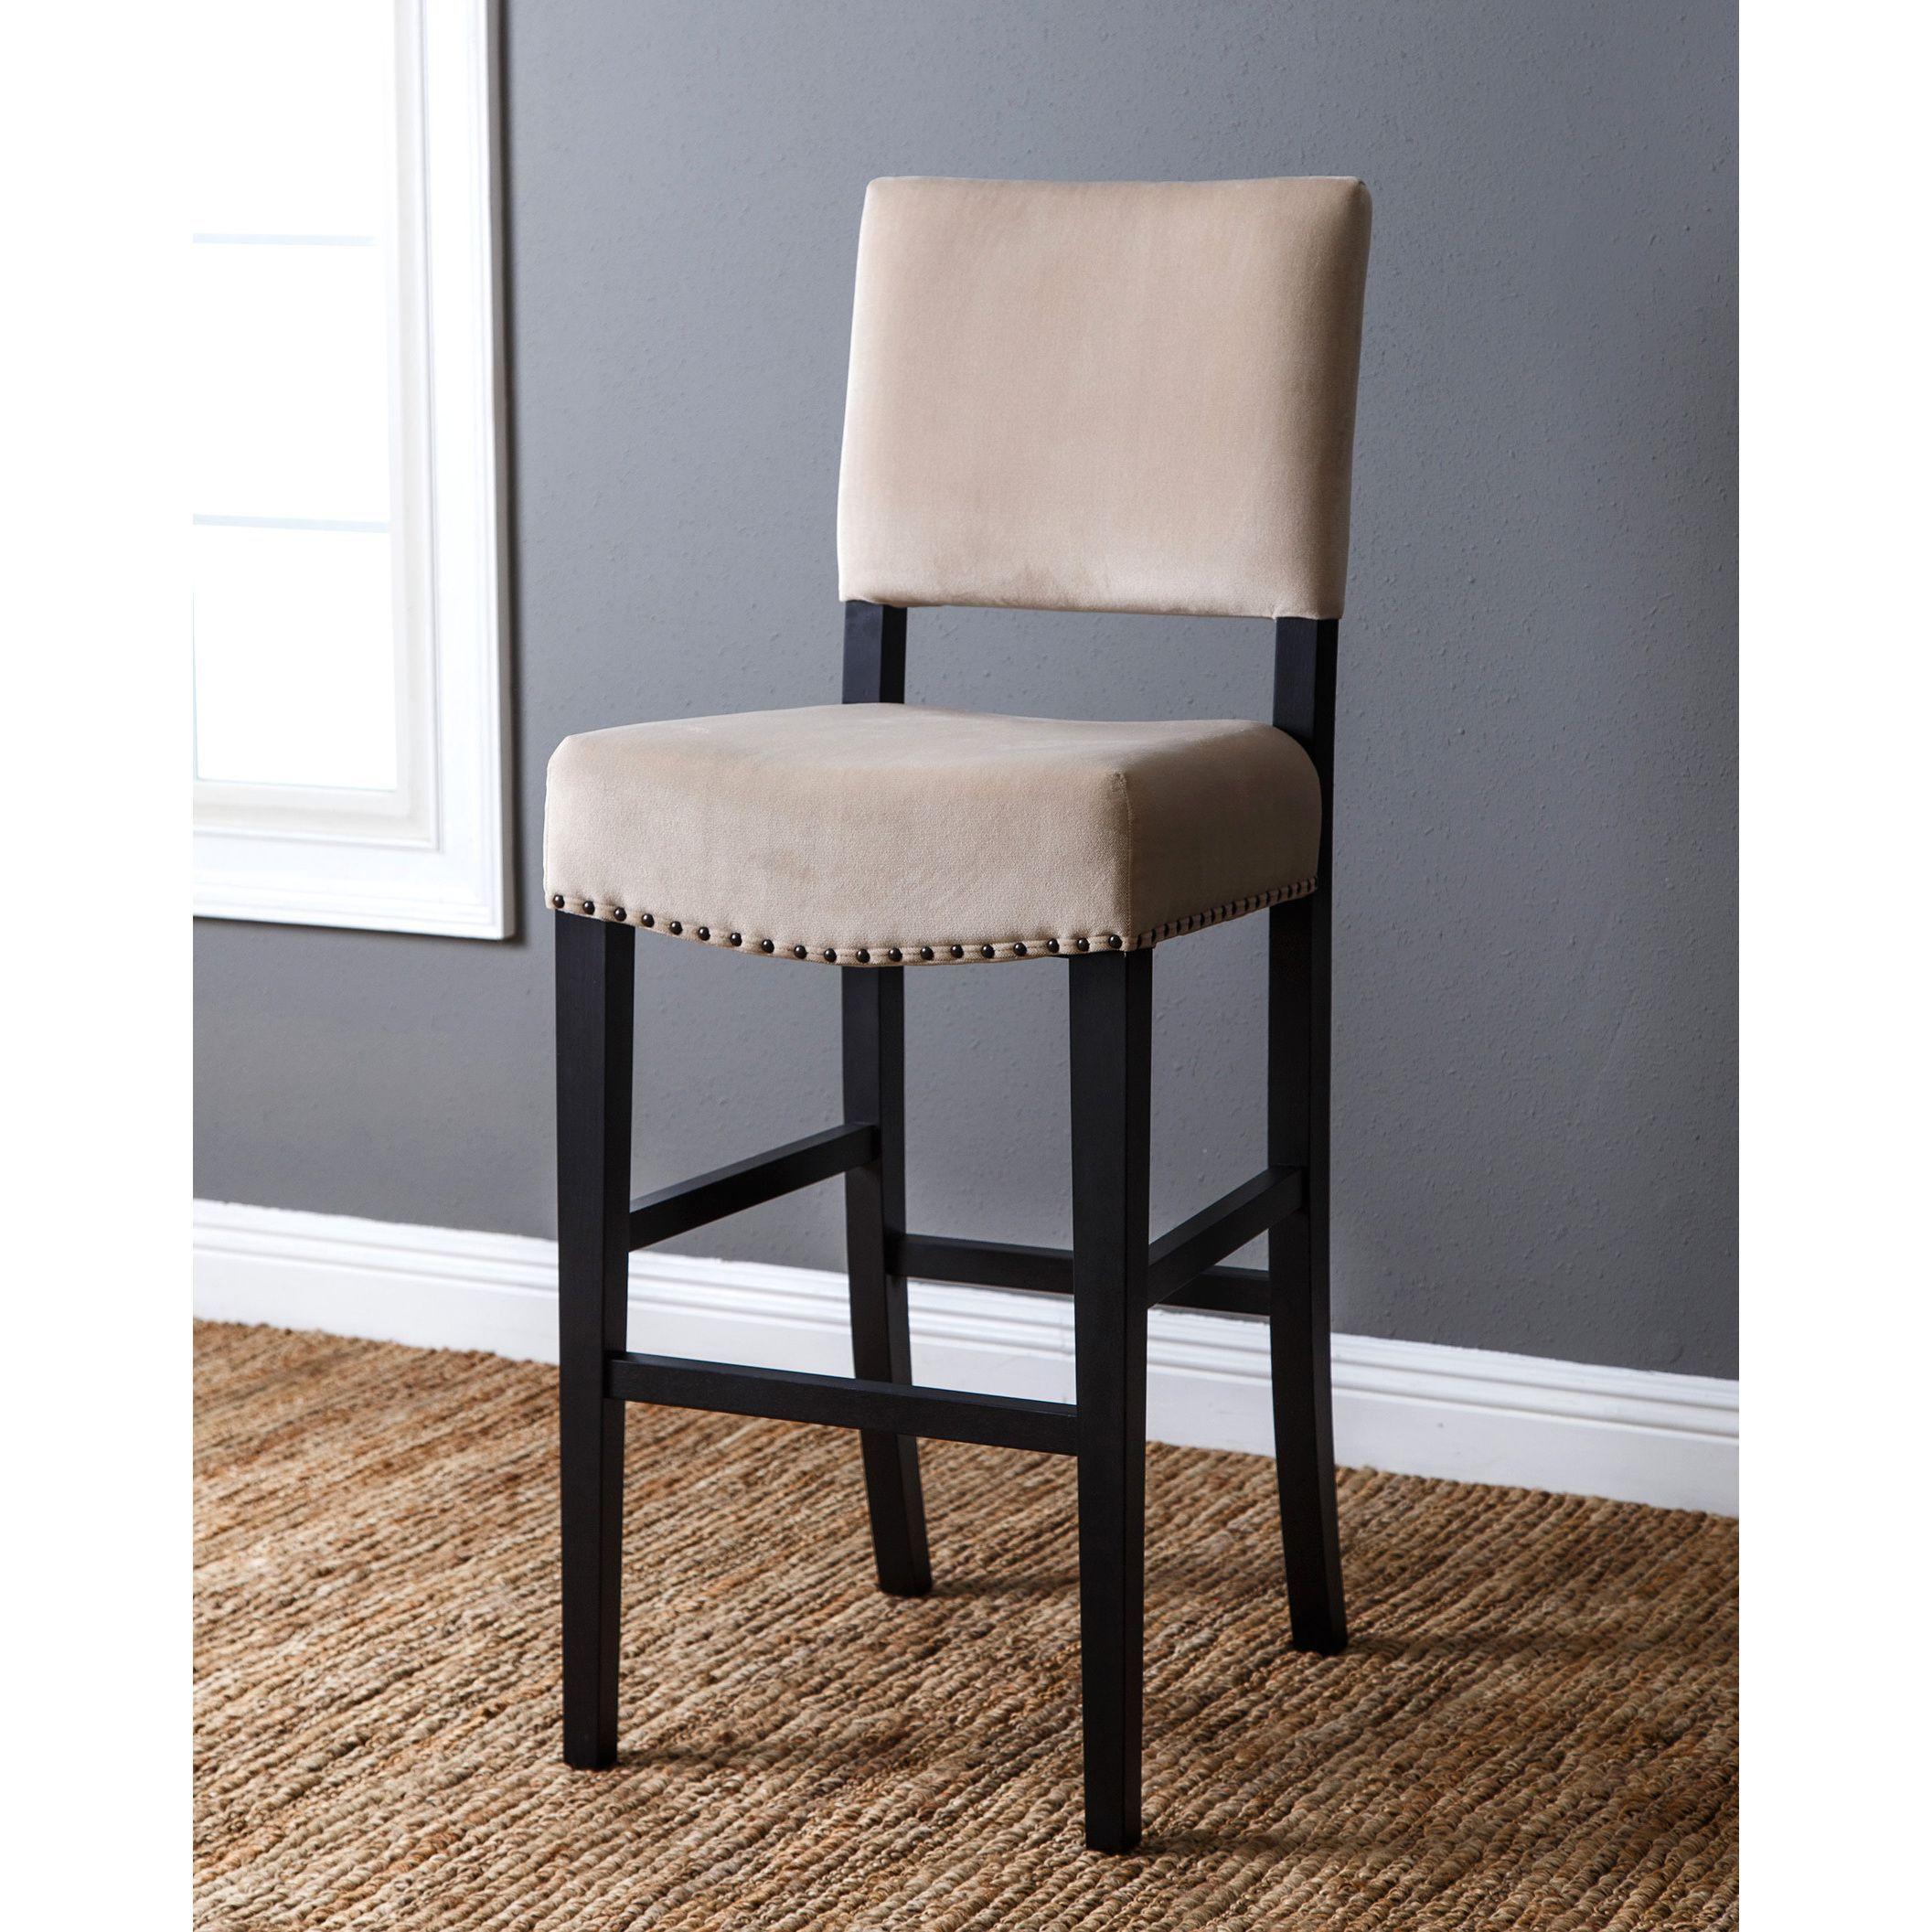 Wondrous Abbyson Crystal 30 Inch Ivory Velvet Fabric Bar Stool Babe Spiritservingveterans Wood Chair Design Ideas Spiritservingveteransorg